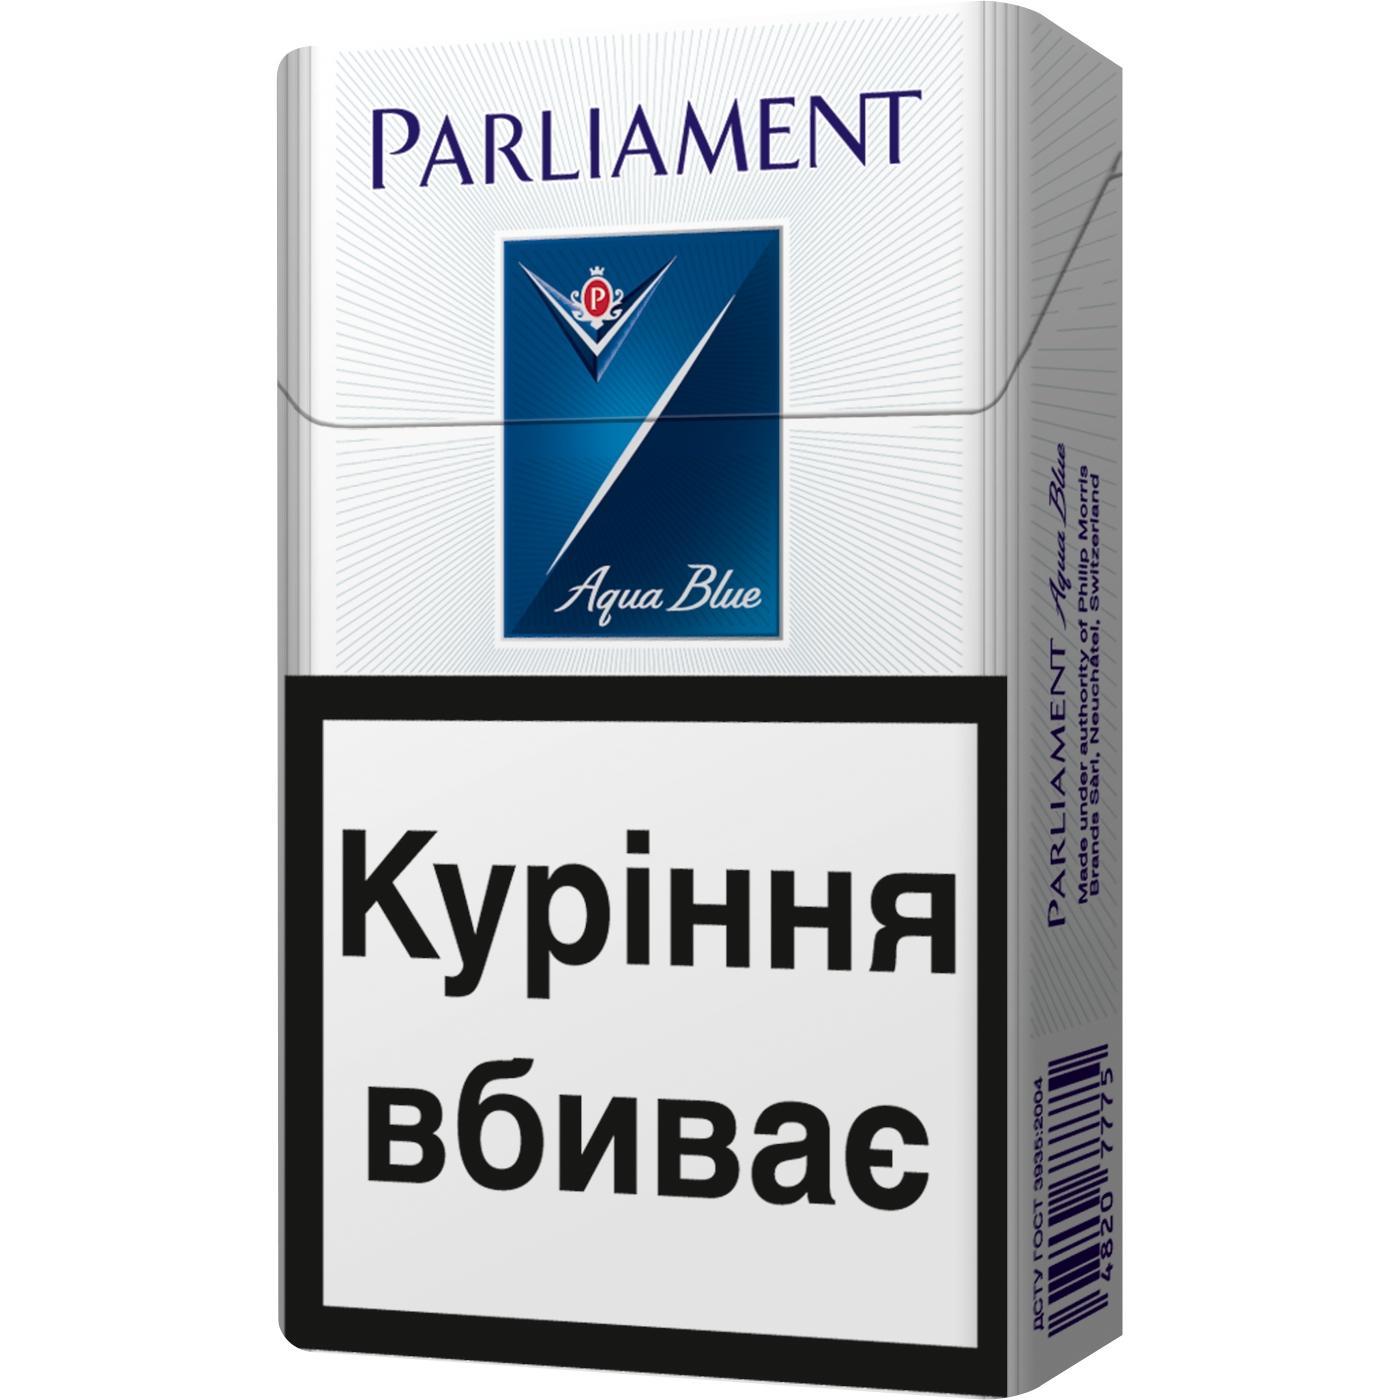 парламент сигареты купить дешево в москве